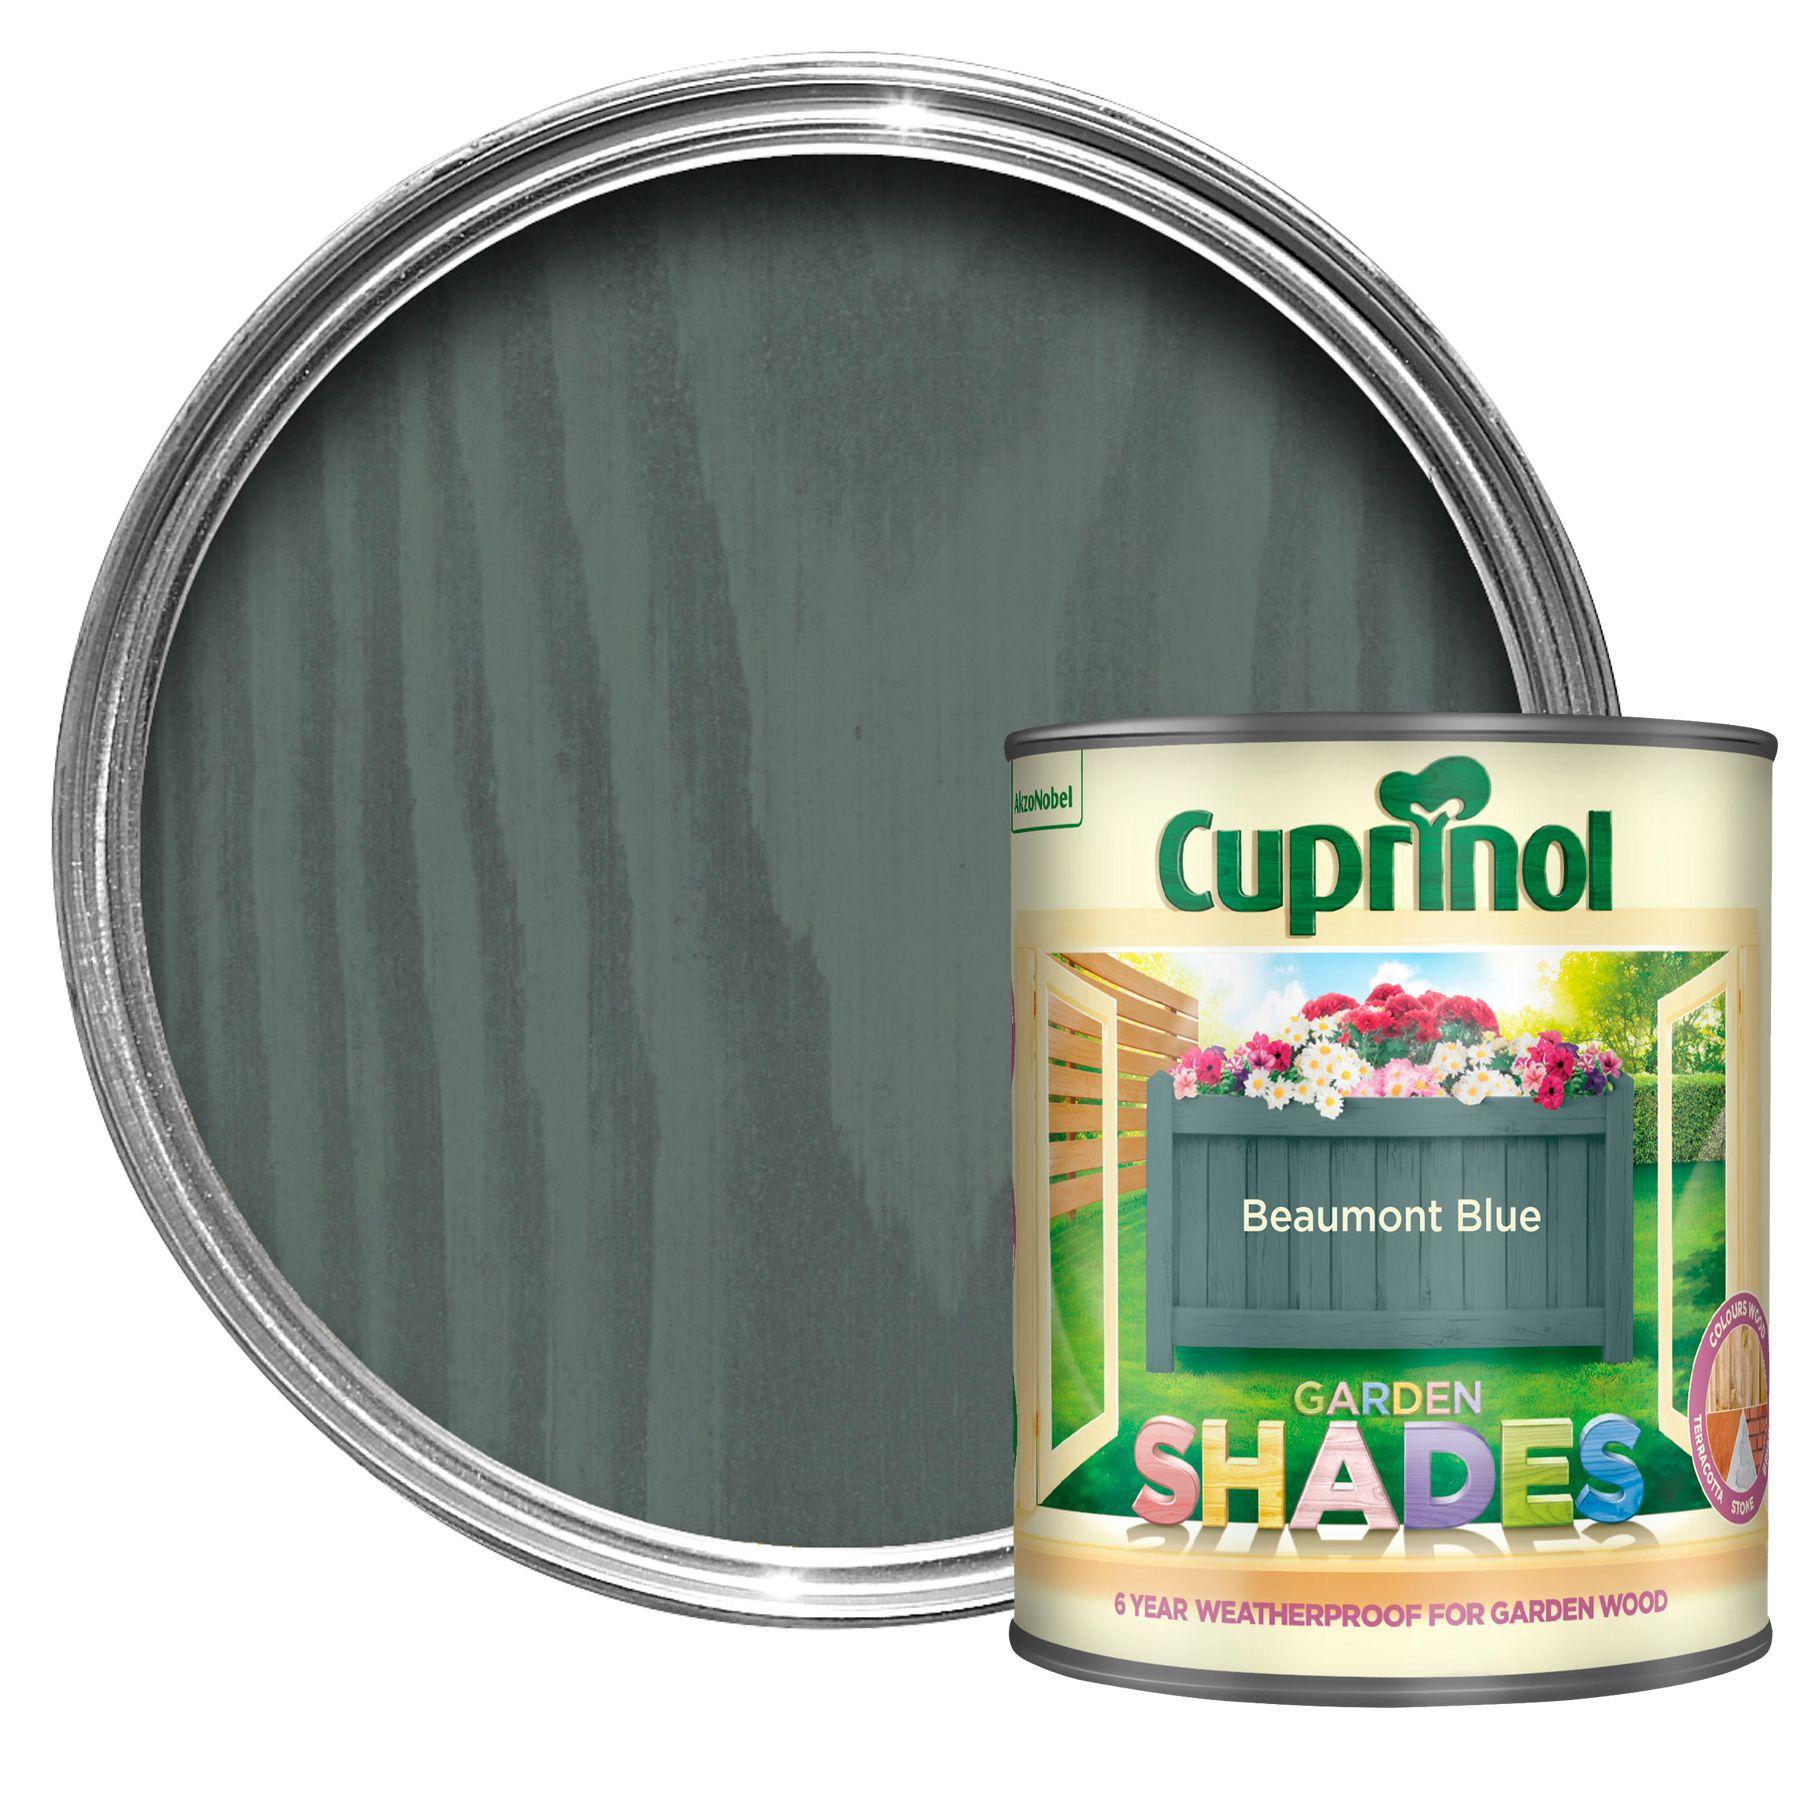 Cuprinol Garden Shades Beaumont Blue Matt Wood Paint 1l